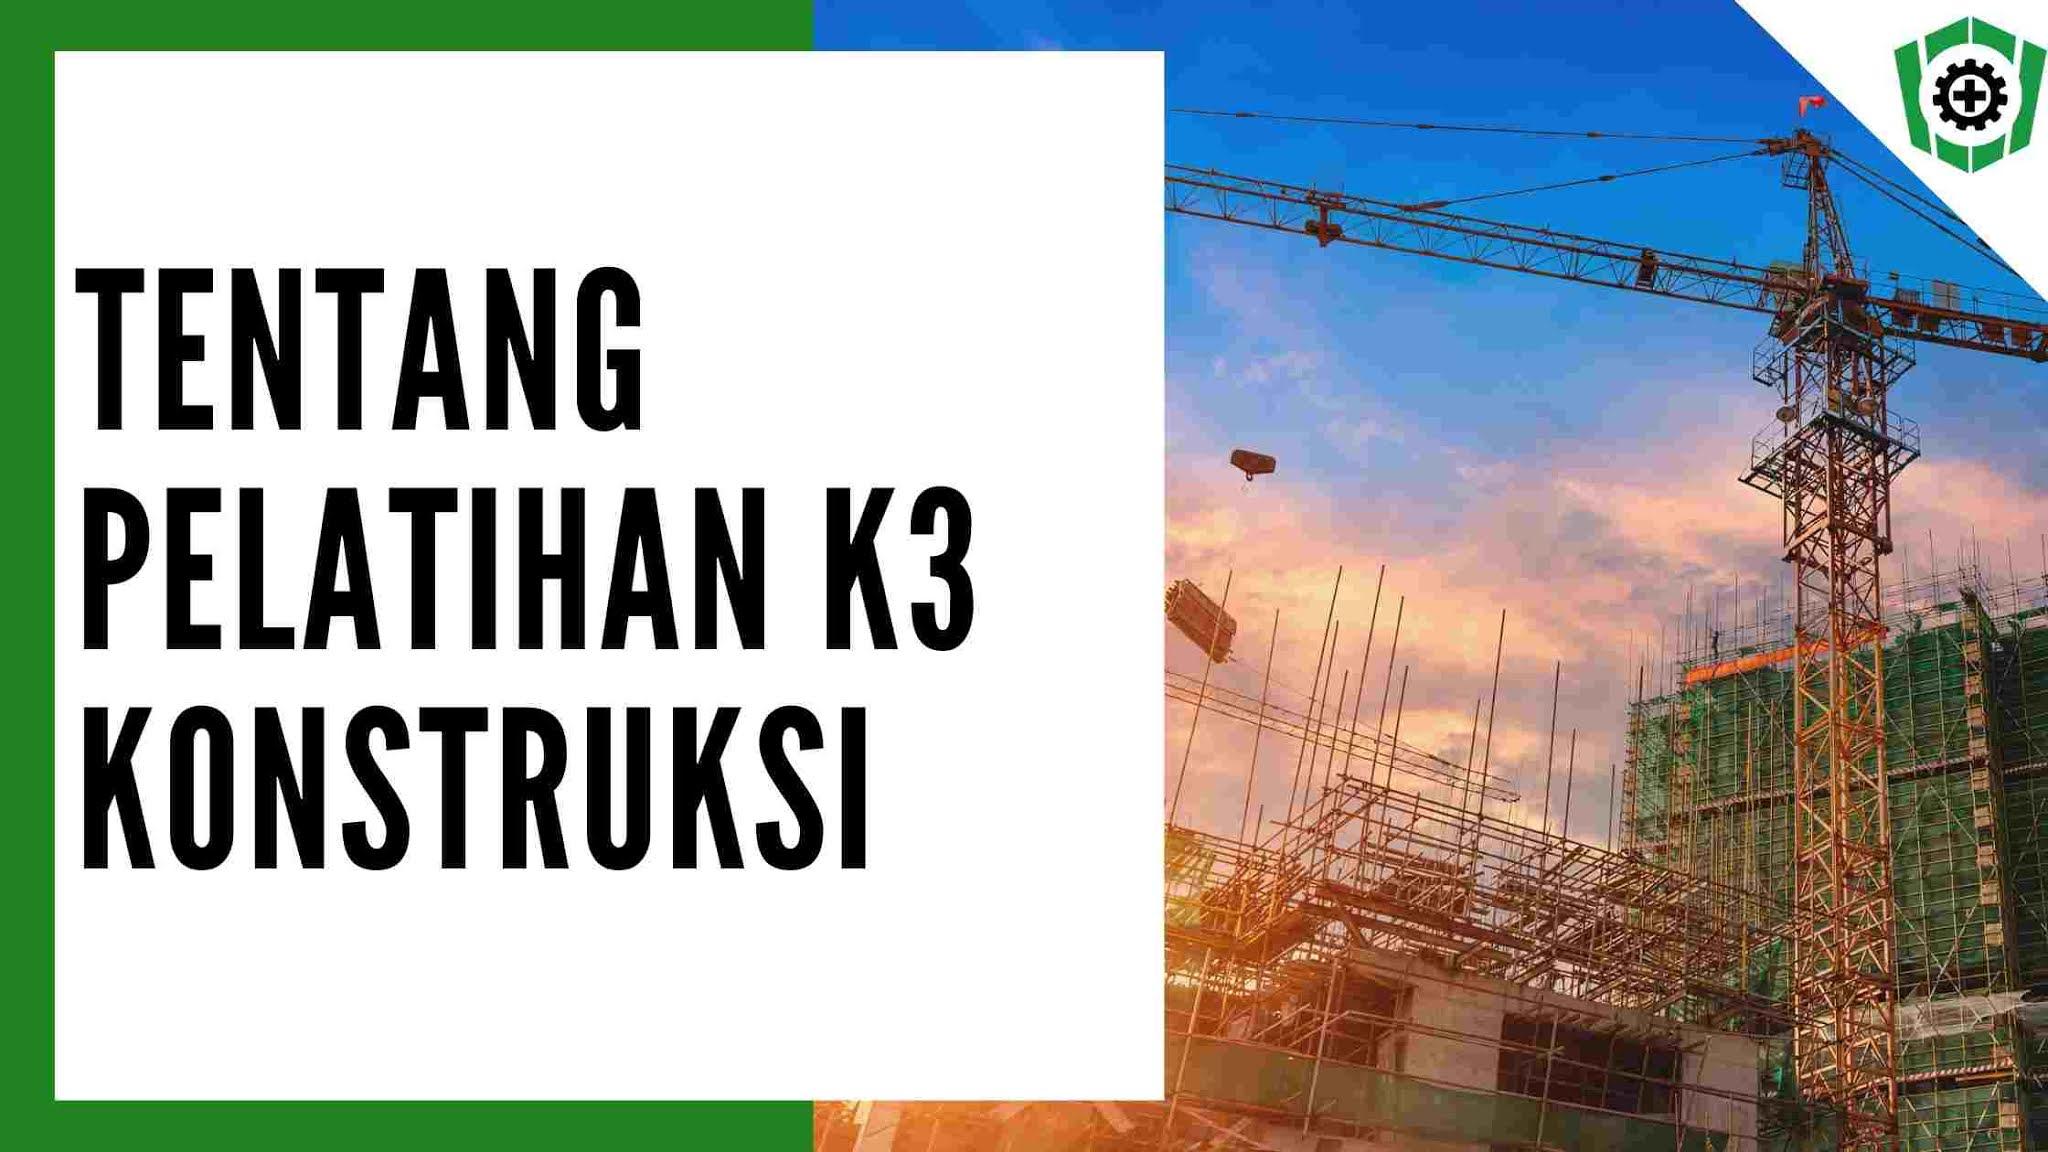 Pelatihan k3 Konstruksi